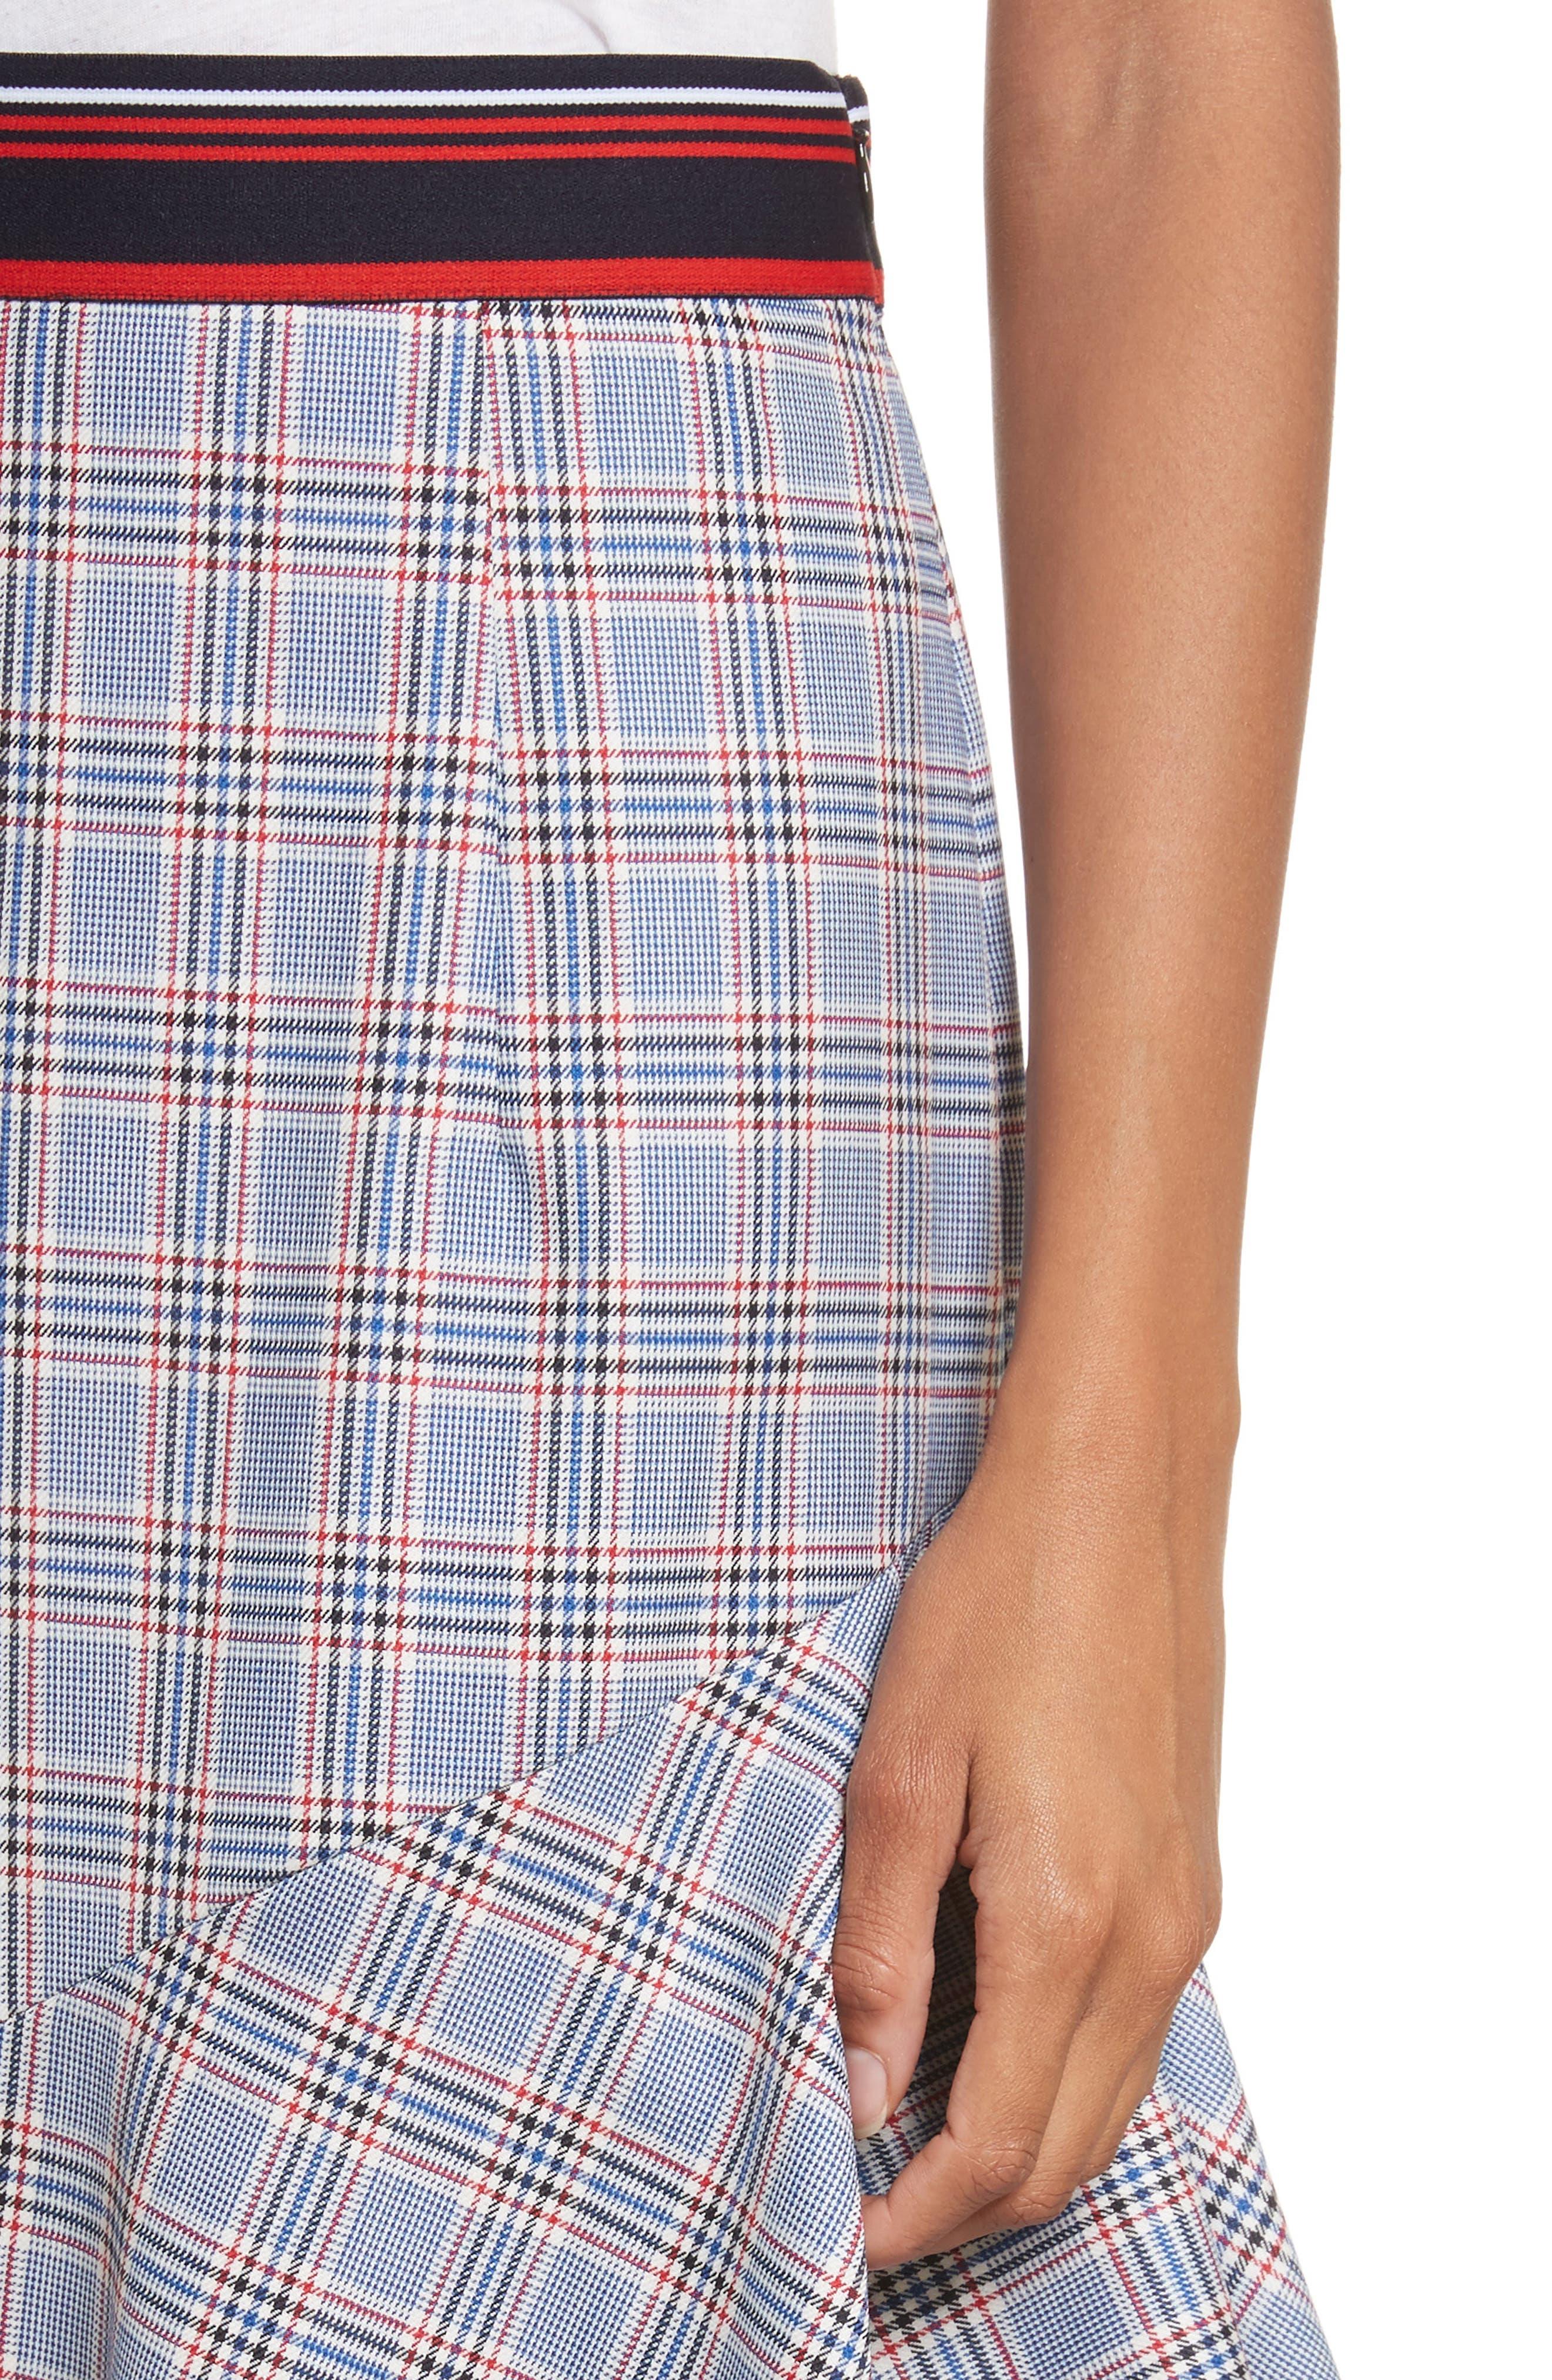 Asymmetrical Ruffle Hem Skirt,                             Alternate thumbnail 4, color,                             464